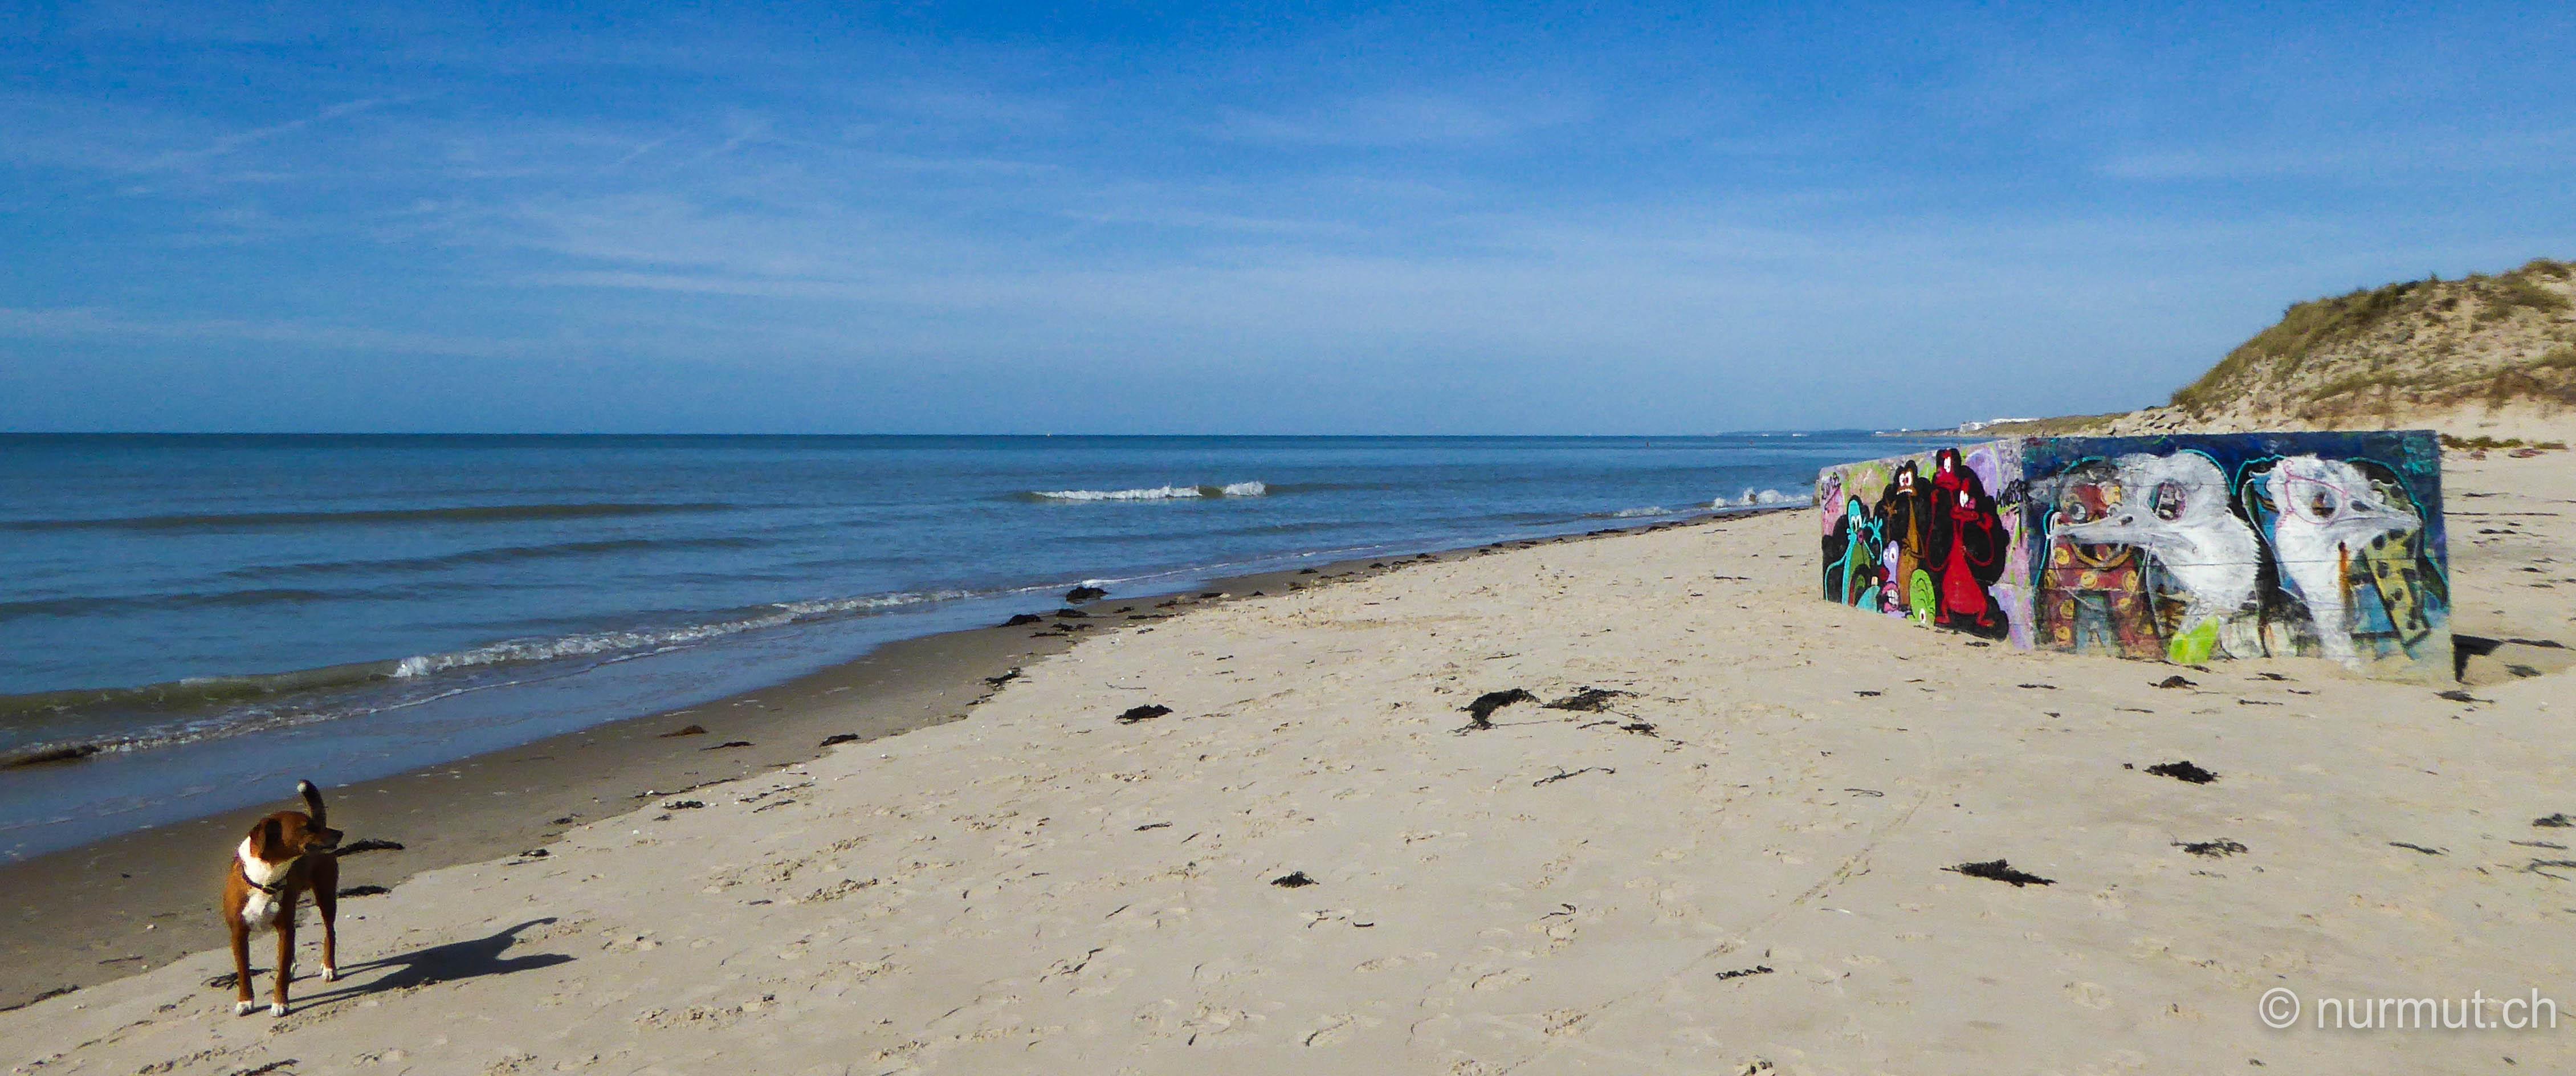 norden frankreichs-nordfrankreich-wohnmobil-wandern mit hund-picardie-berck plage